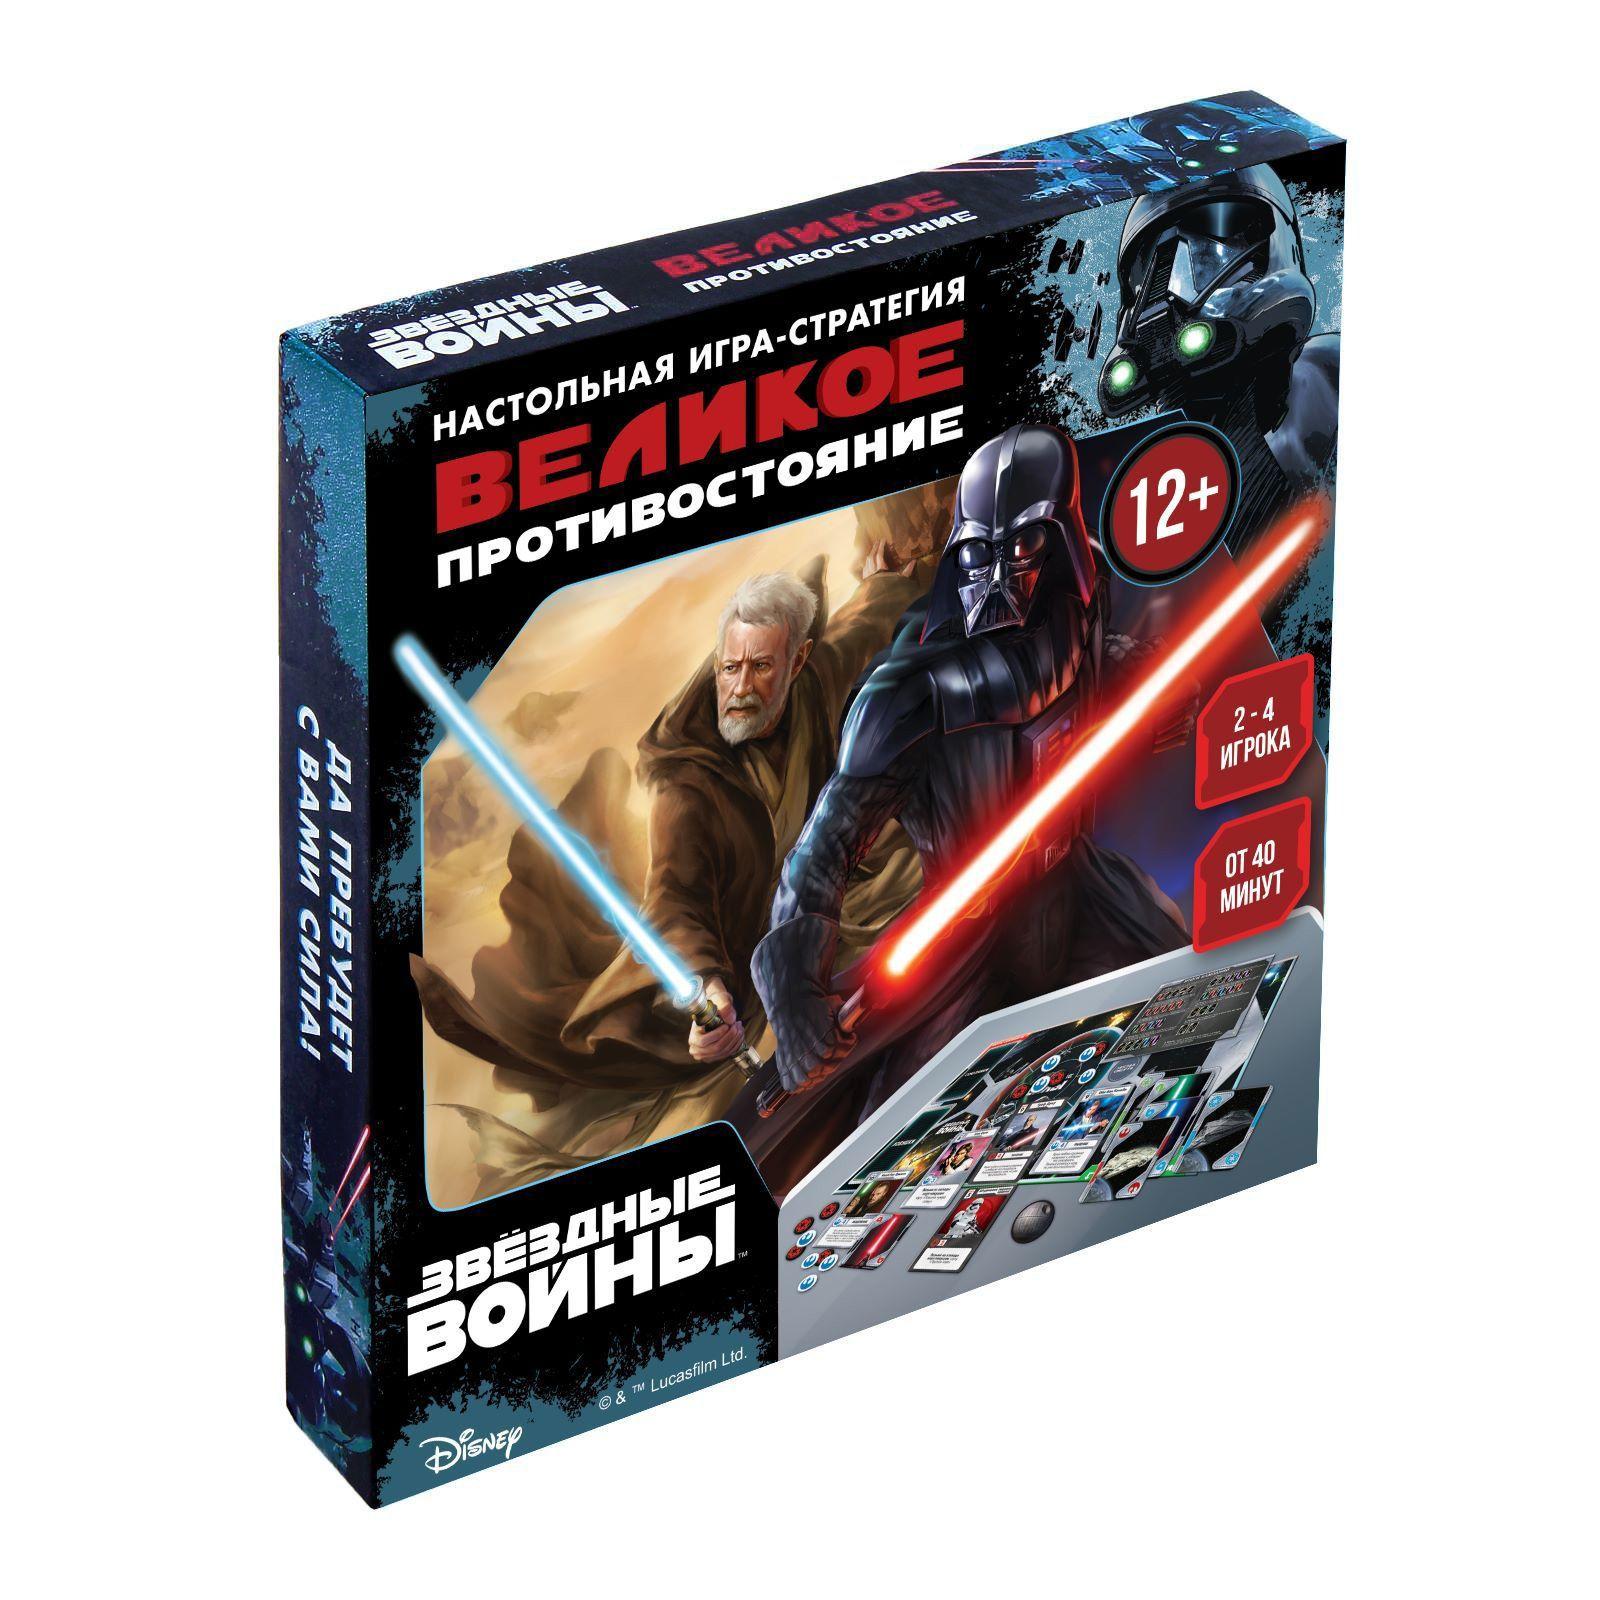 """Настольная игра-стратегия """"Звездные войны"""" - Великое противостояние"""